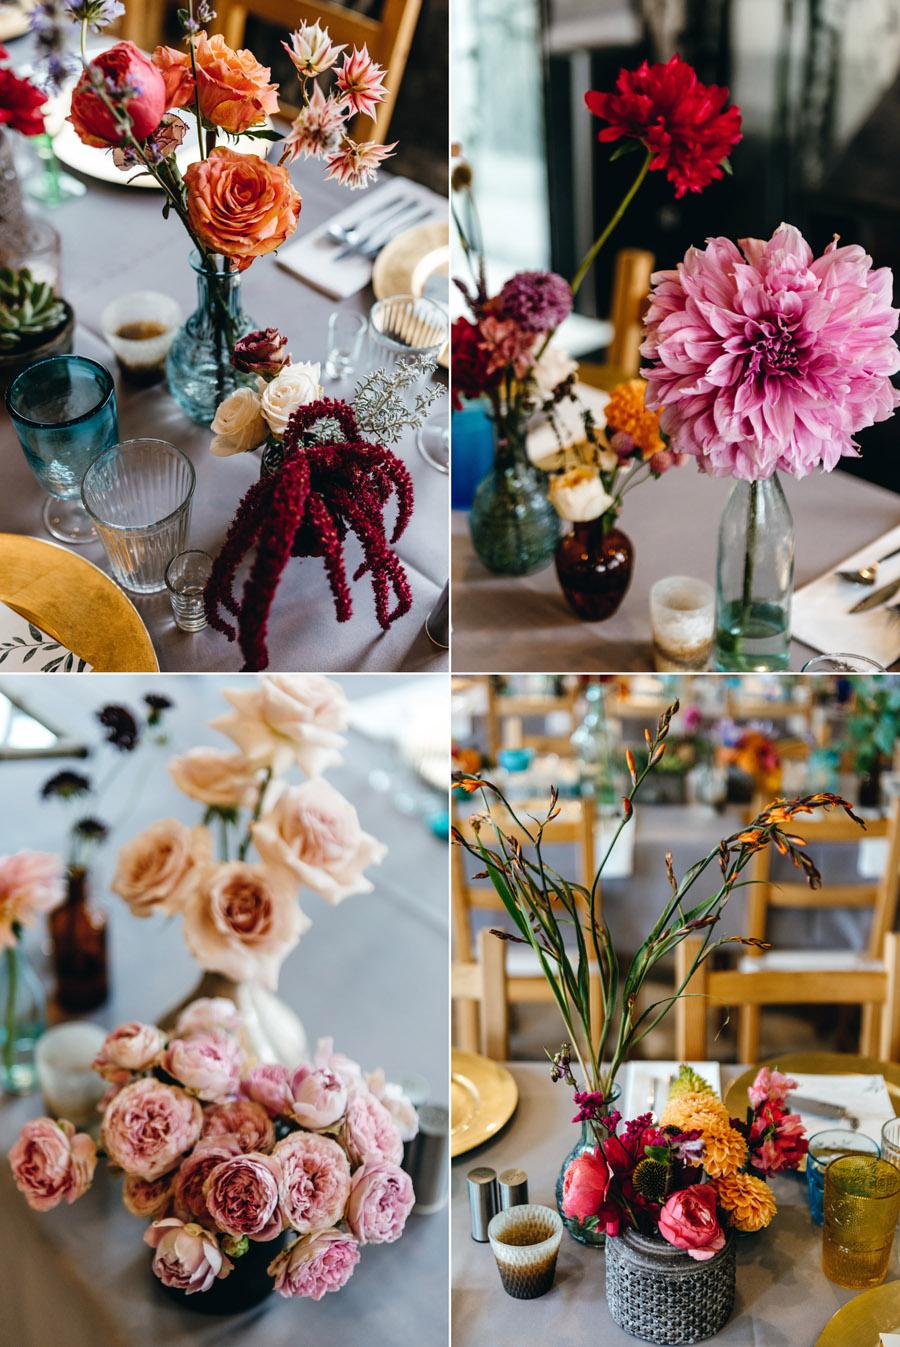 mybigday dekoracje, florystyka, kwiaty na wesele, boho klimat, stodoła wszystkich świętych